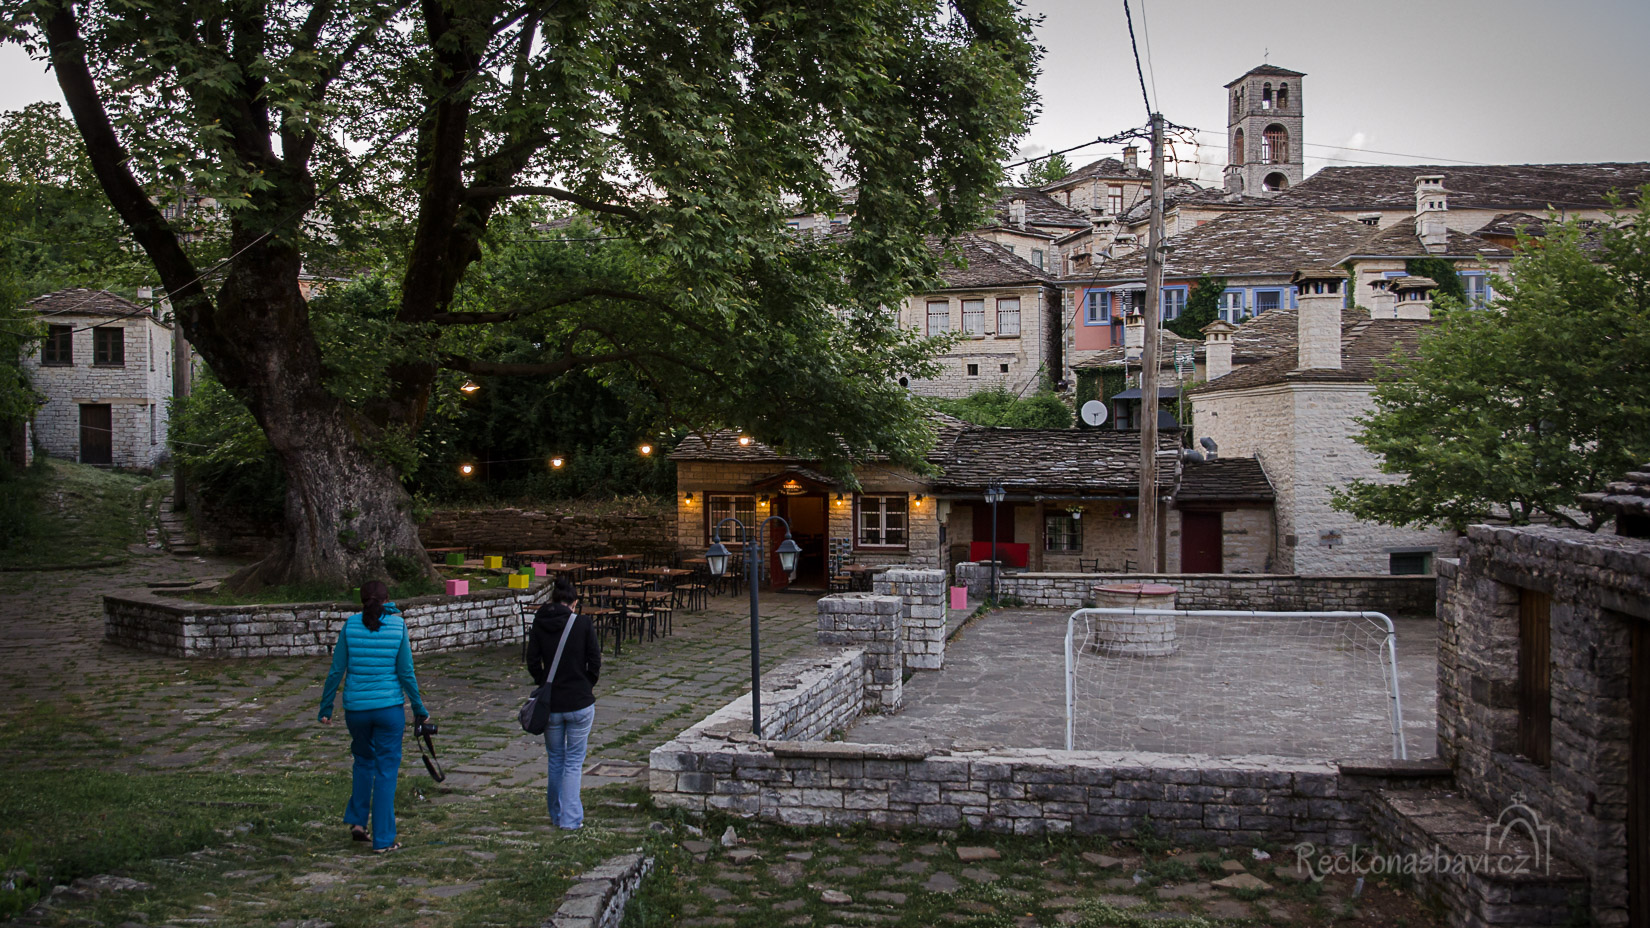 s naplněnými bříšky se vracíme přes náměstí Mesochori k Archontiku, kde na nás čeká majitel Giorgos s Dimitrou...Slíbili jsme si, že si dáme panáka na dobrou noc :)